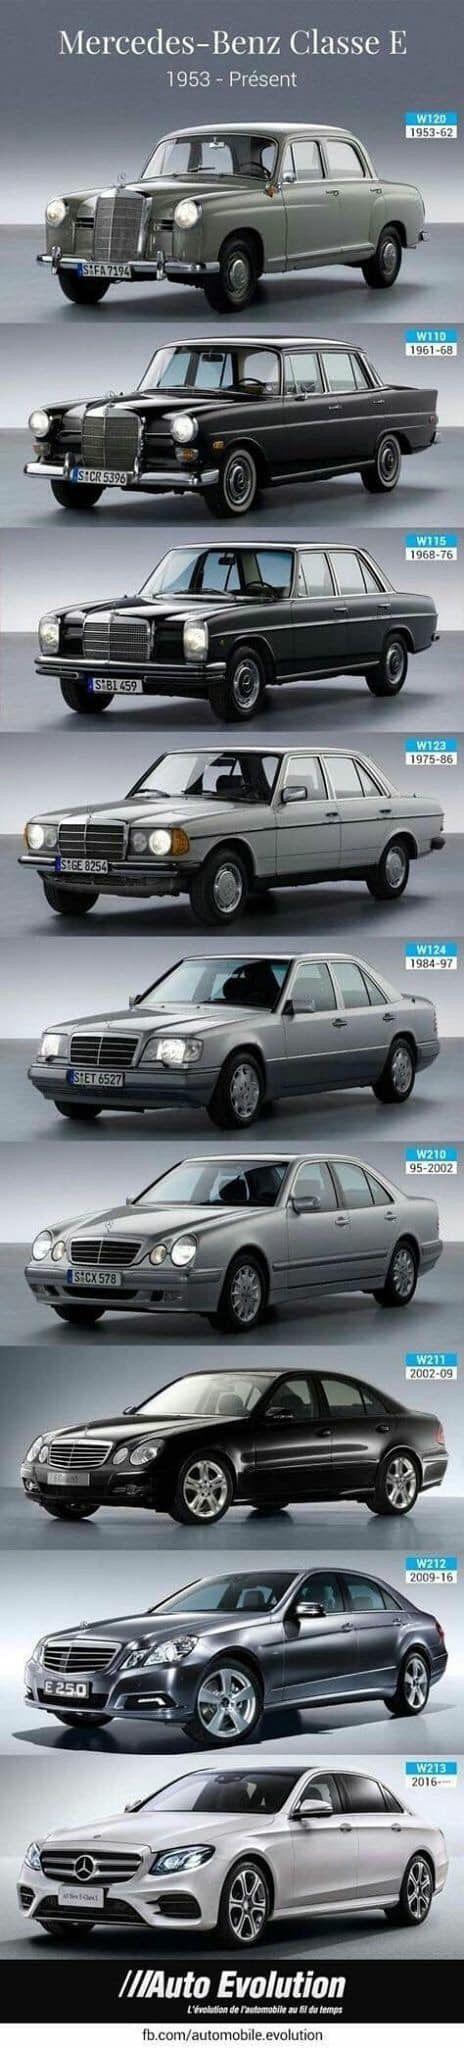 E Class Mercedes Car Mercedes Benz Classic Mercedes Benz Classes